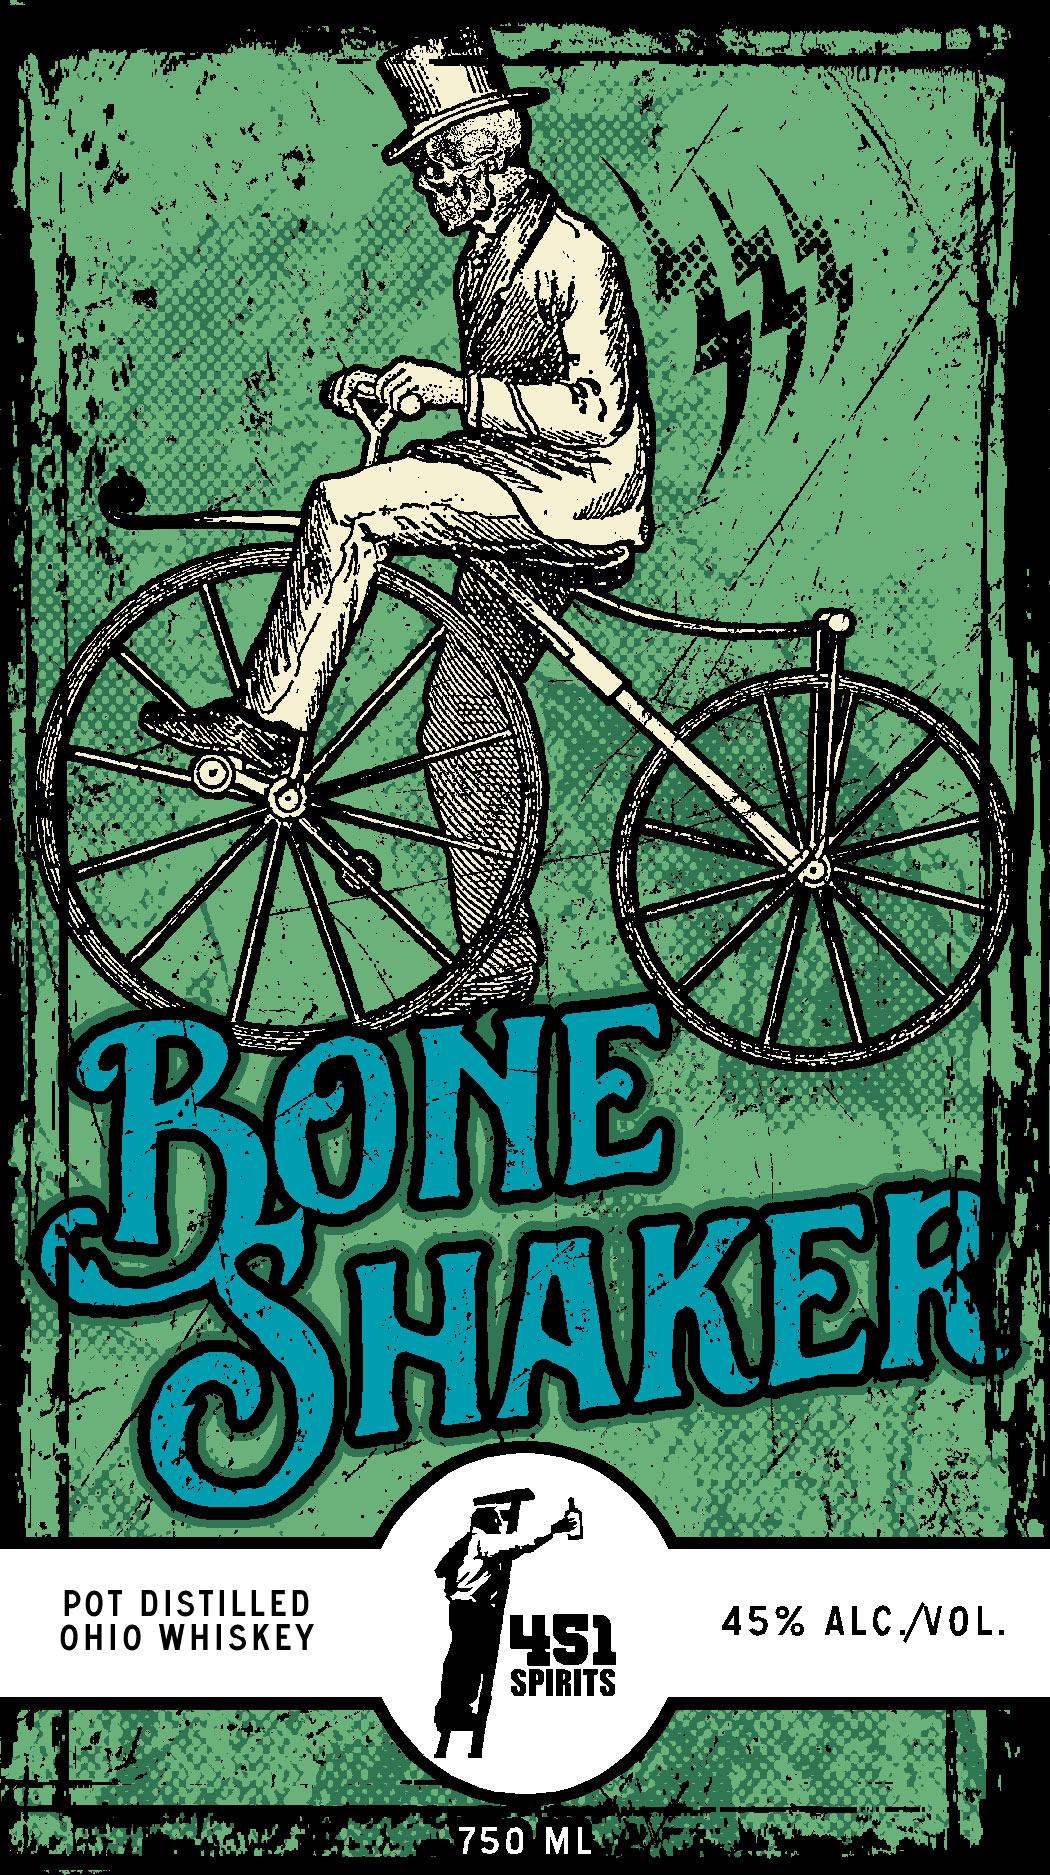 Boneshakerfrontlores.jpg